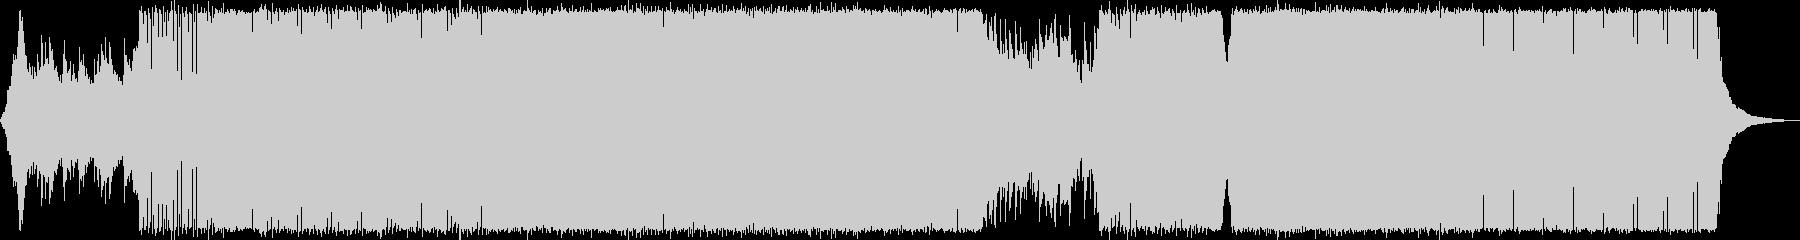 イケイケドンドンバトル曲の未再生の波形